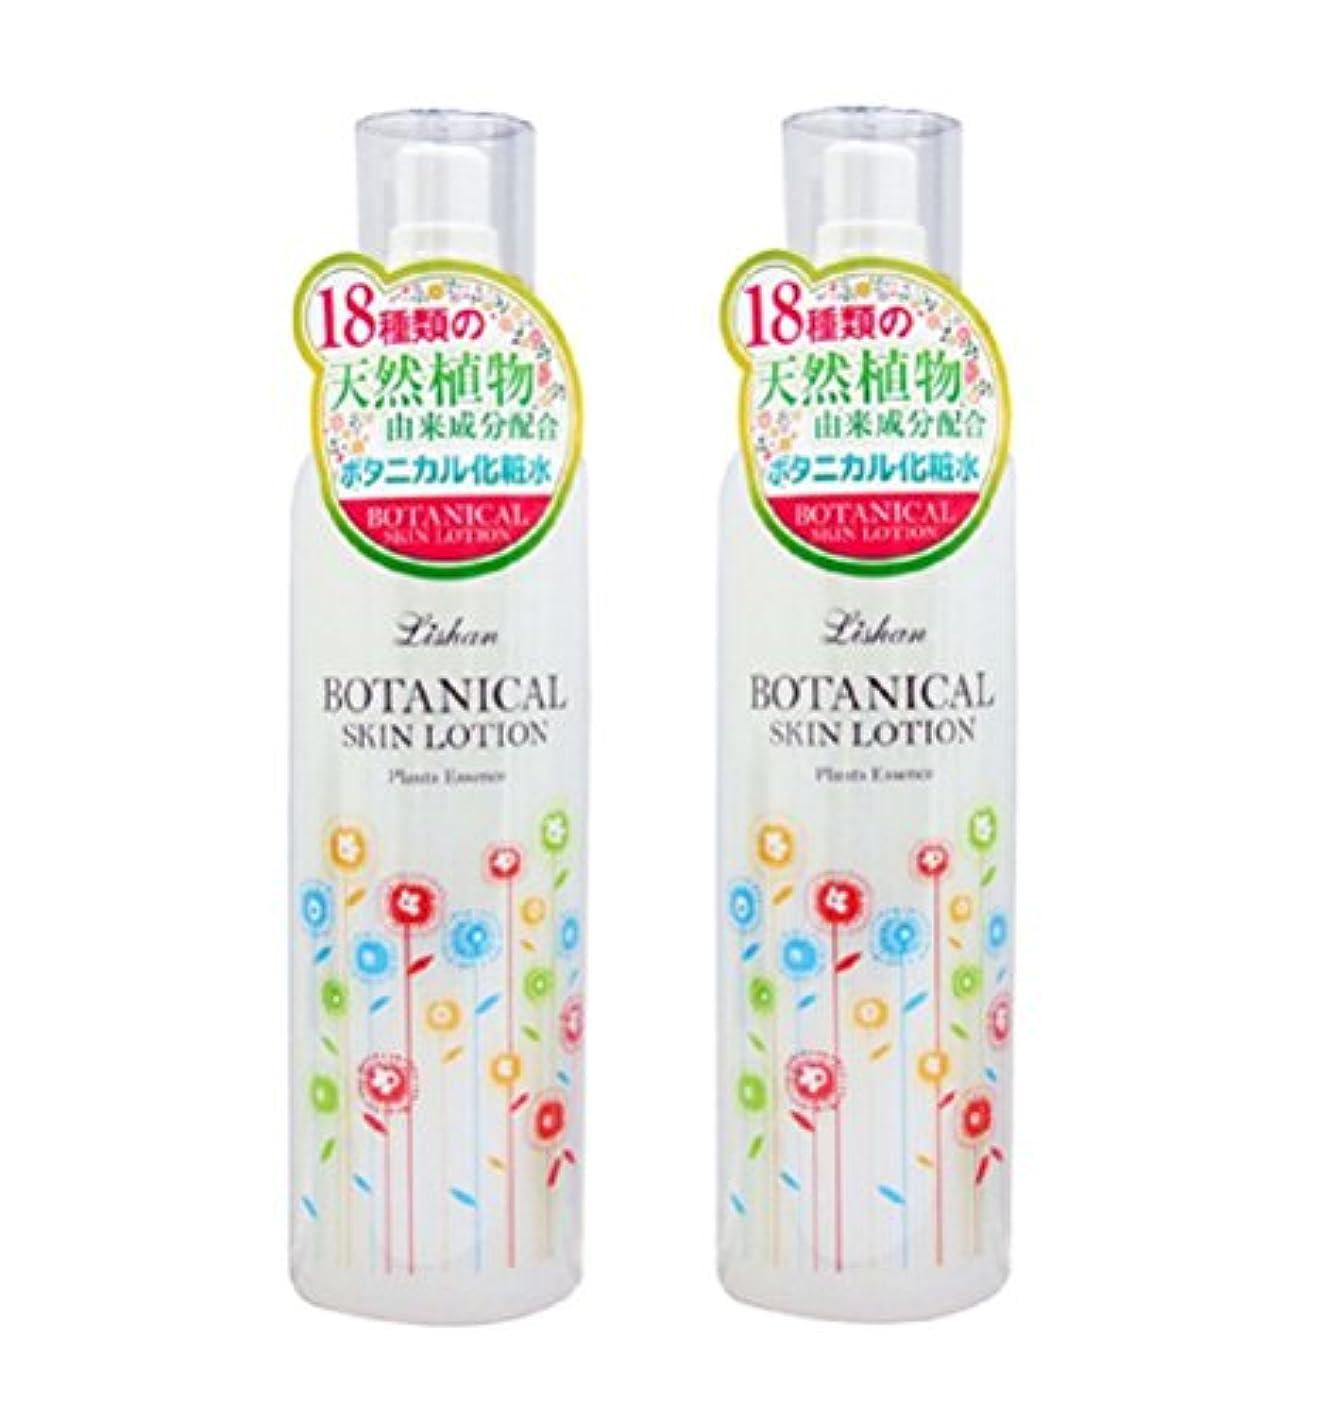 スプリットイヤホン評価するリシャン ボタニカル化粧水 フローラルの香り 260ml×2本セット